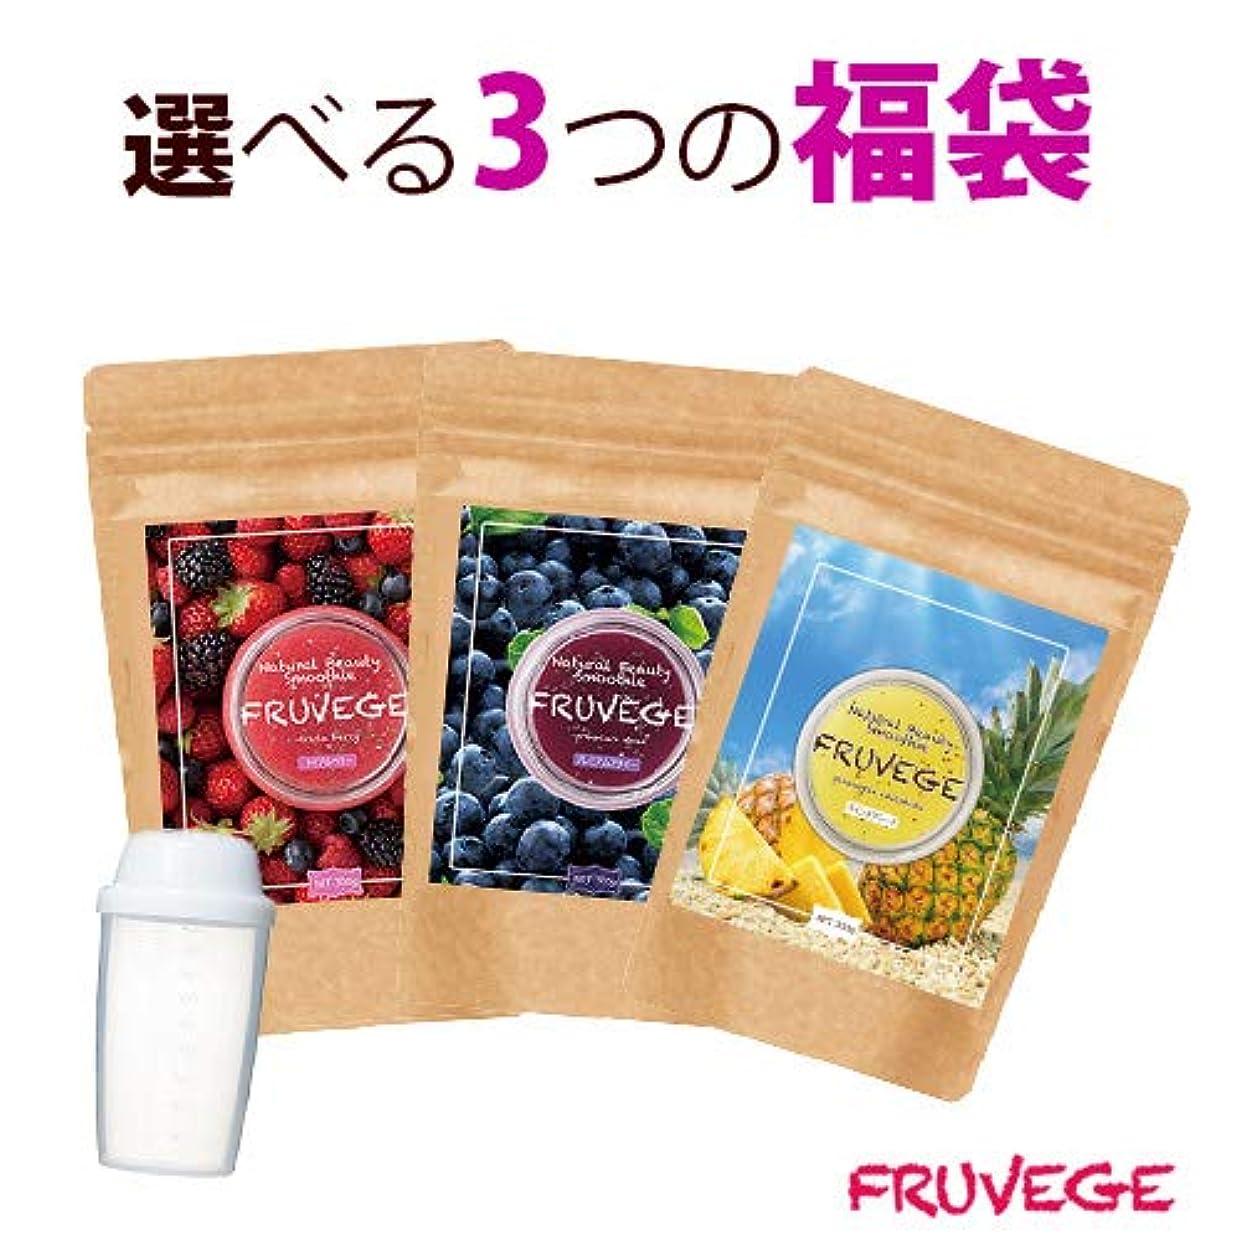 ポスター周囲忙しい[チアシード×スムージー (Dセット)]3袋+プレゼント (300g×3袋 約150杯分)福袋 ベリー 青汁 ダイエット食品 ドリンク スーパーフード 酵素ダイエット